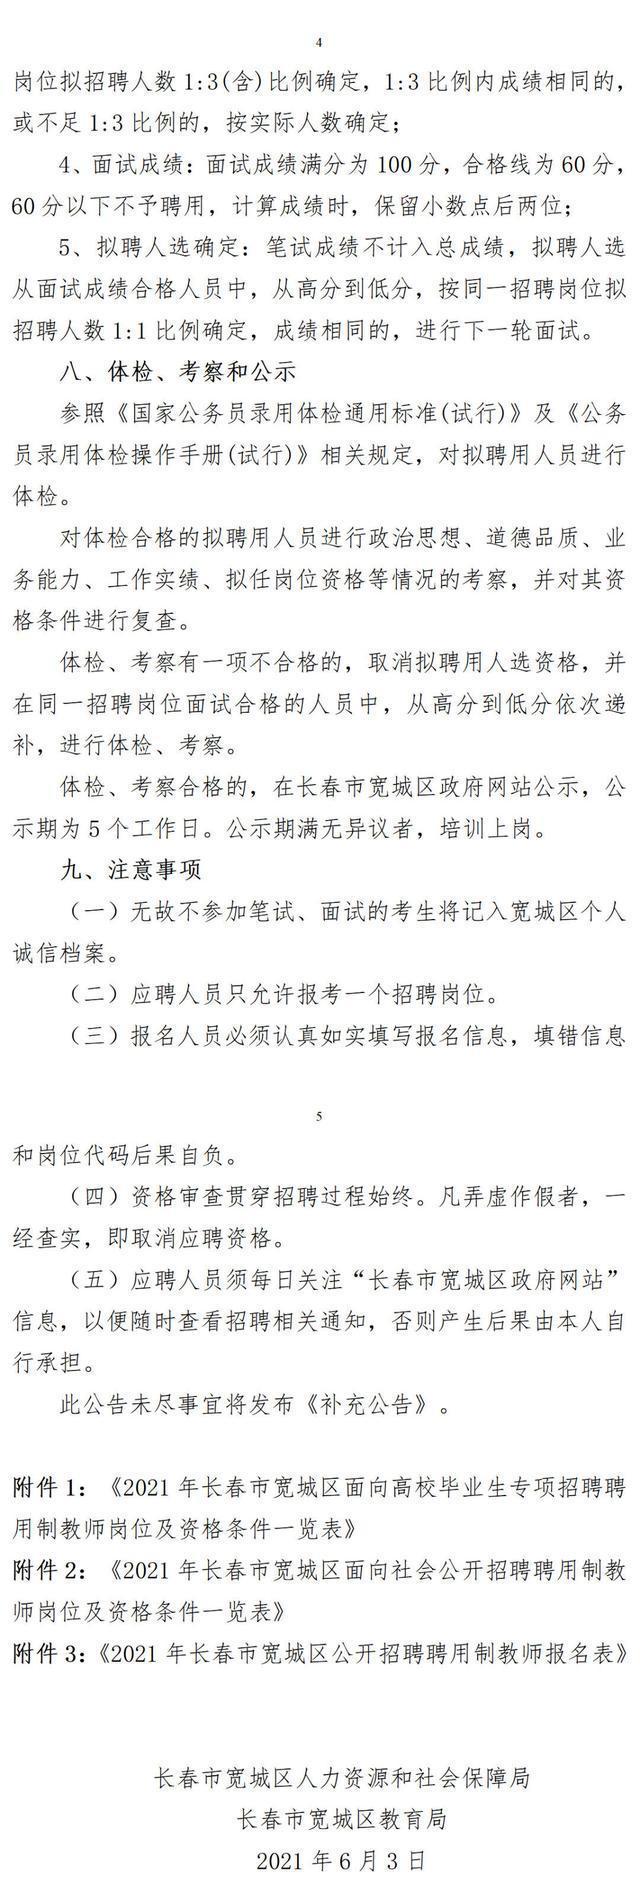 长春市宽城区公开招聘179人。 第4张